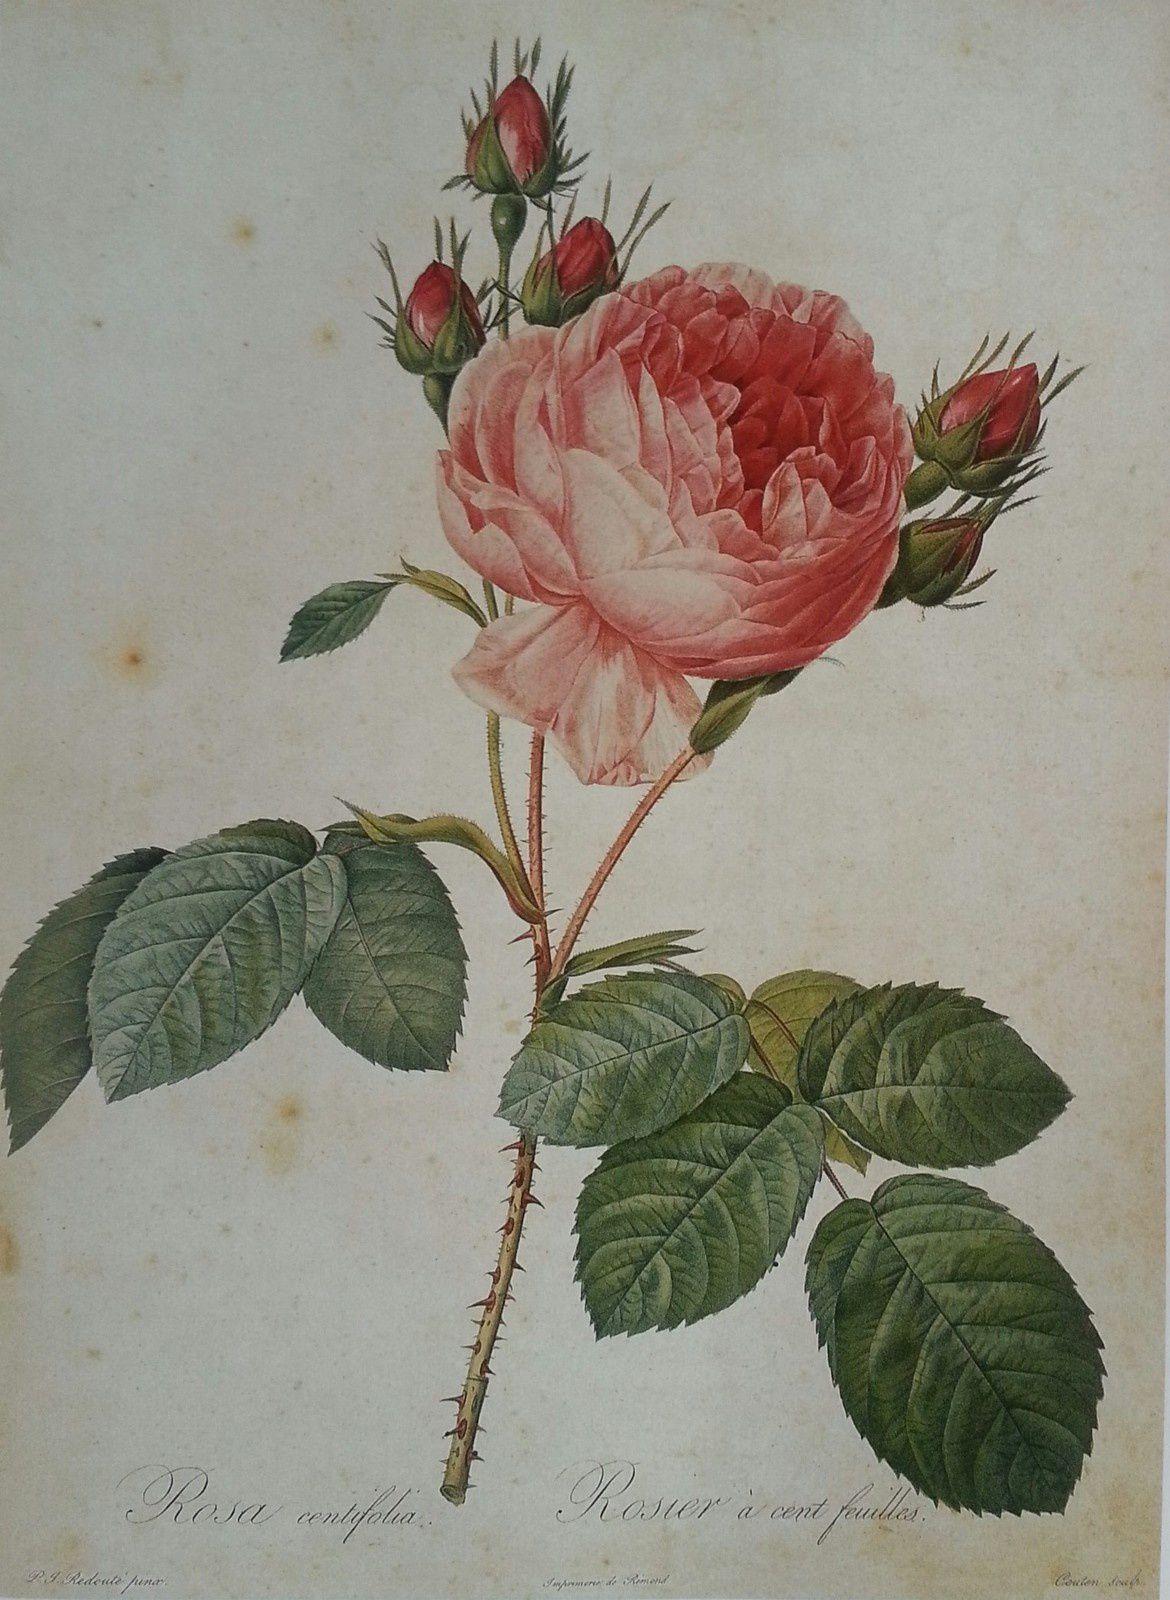 La rosa x centifolia